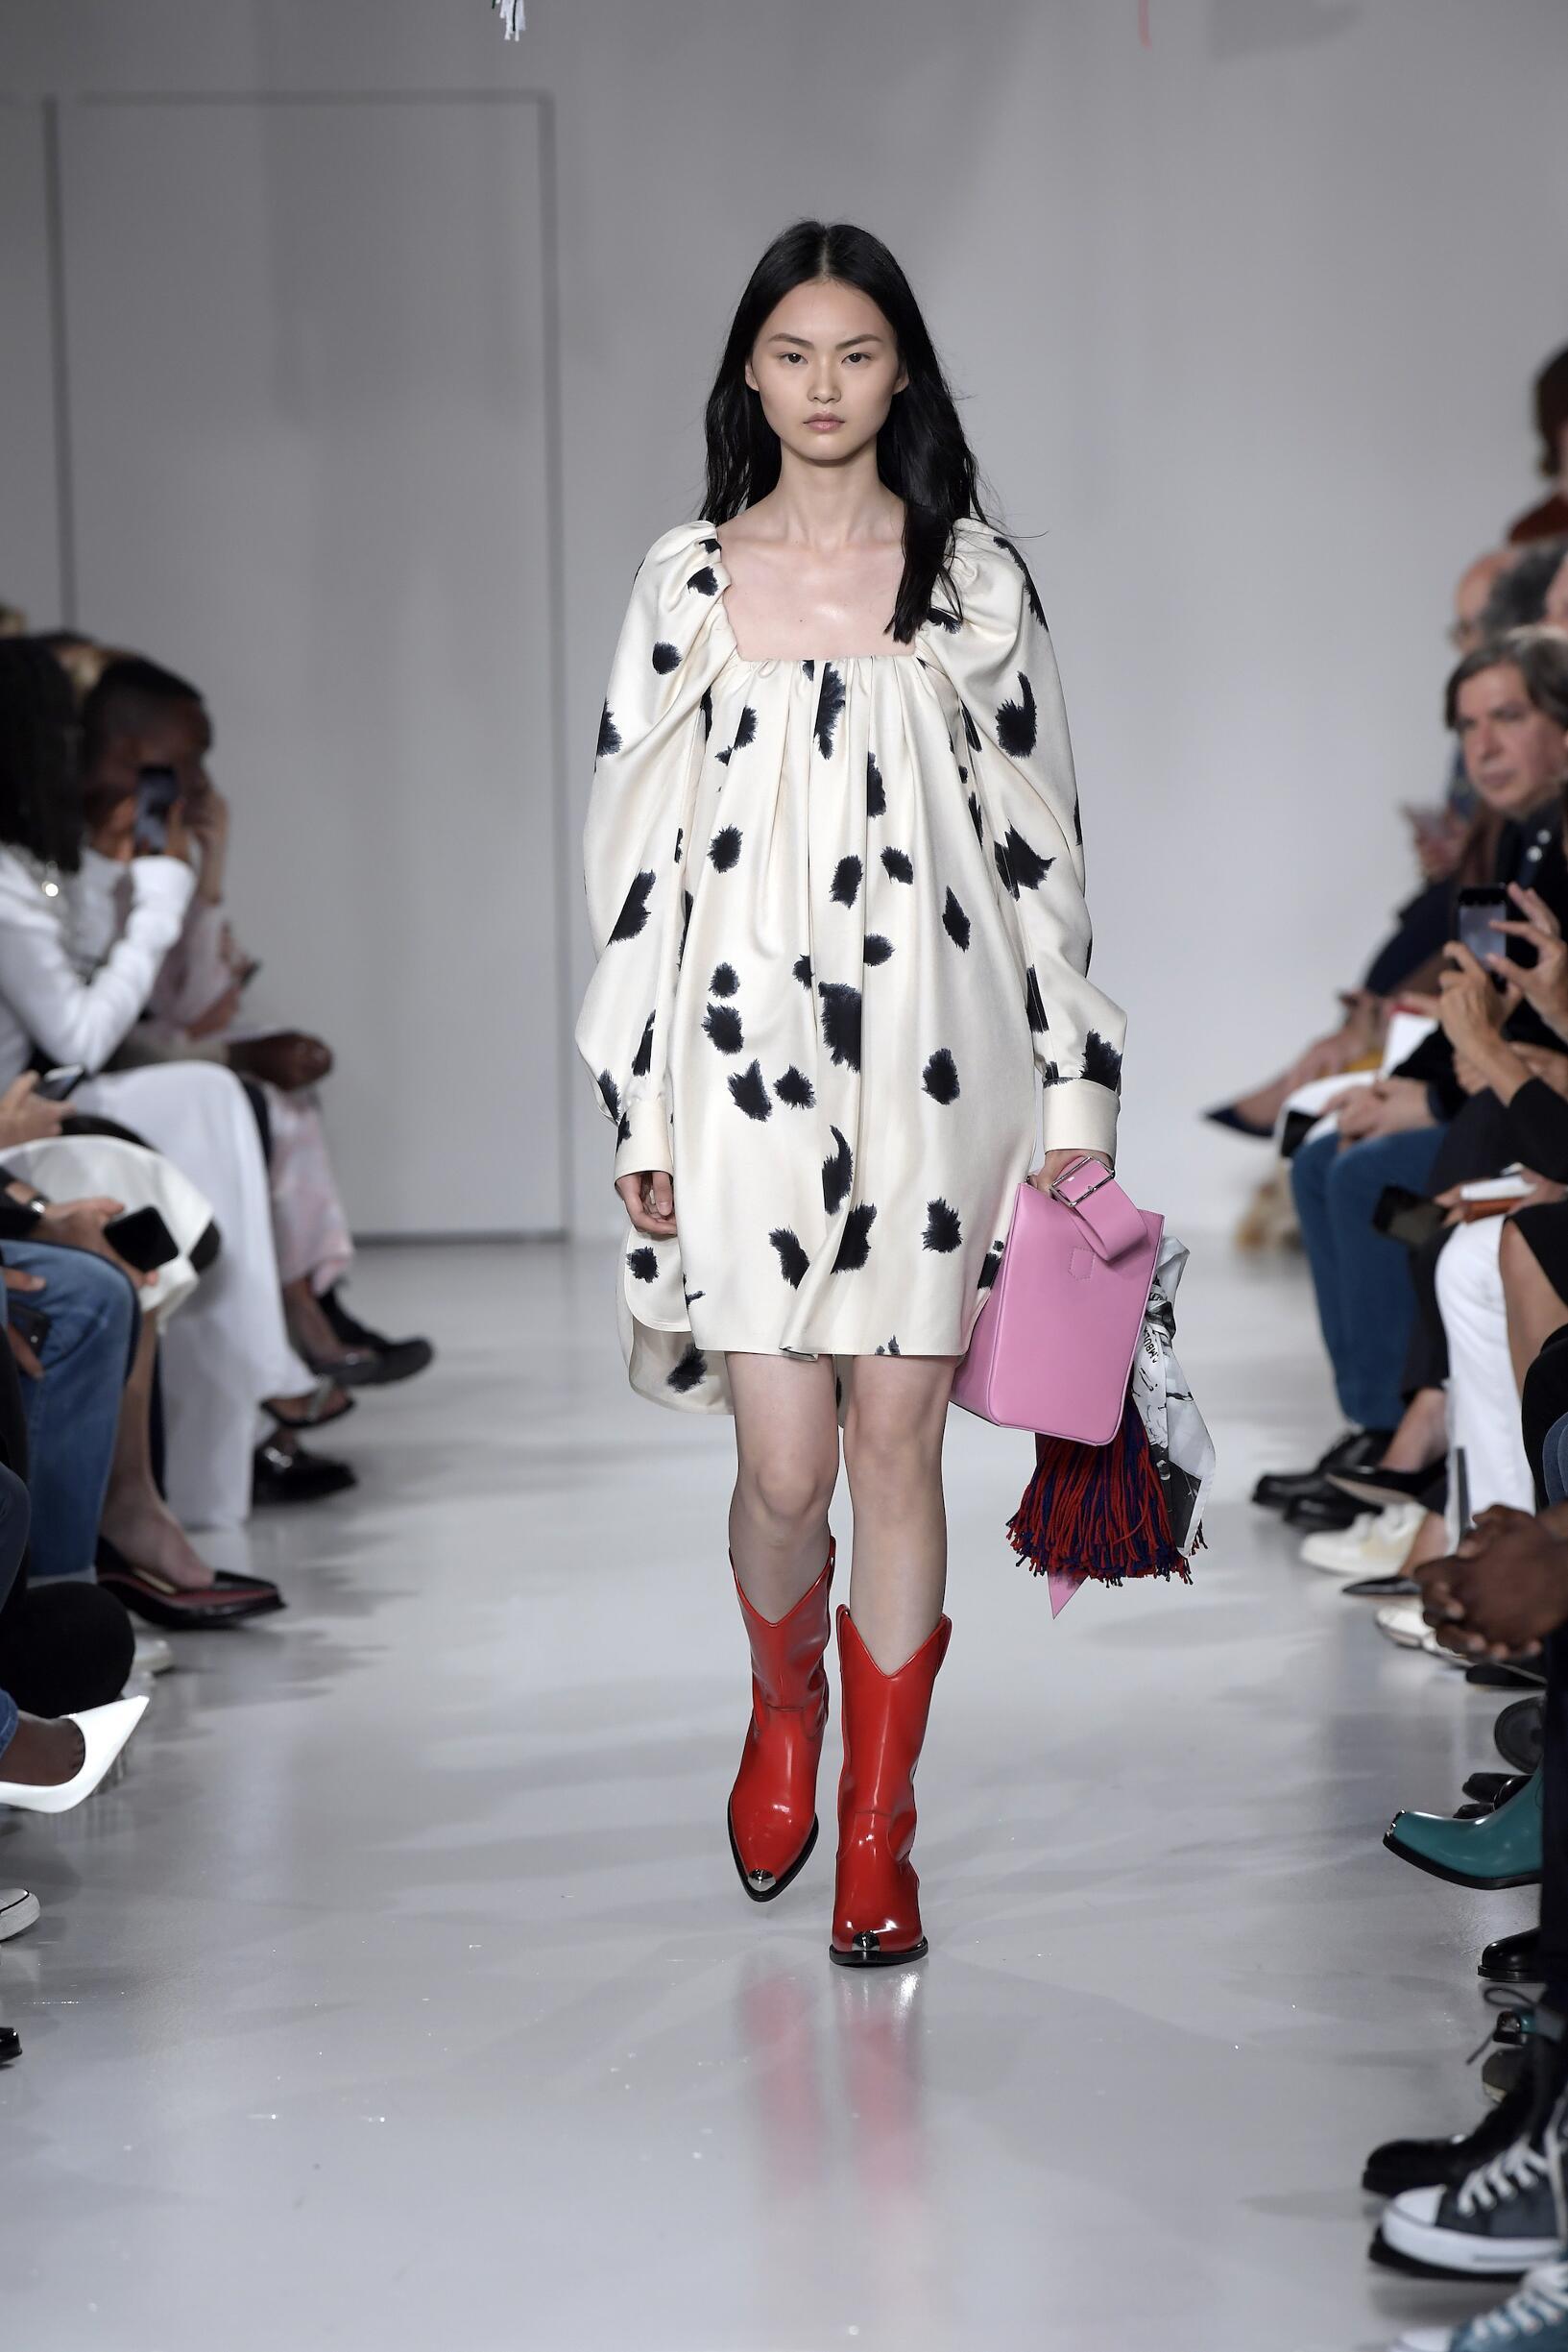 Spring Summer Fashion Trends 2018 Calvin Klein 205W39NYC